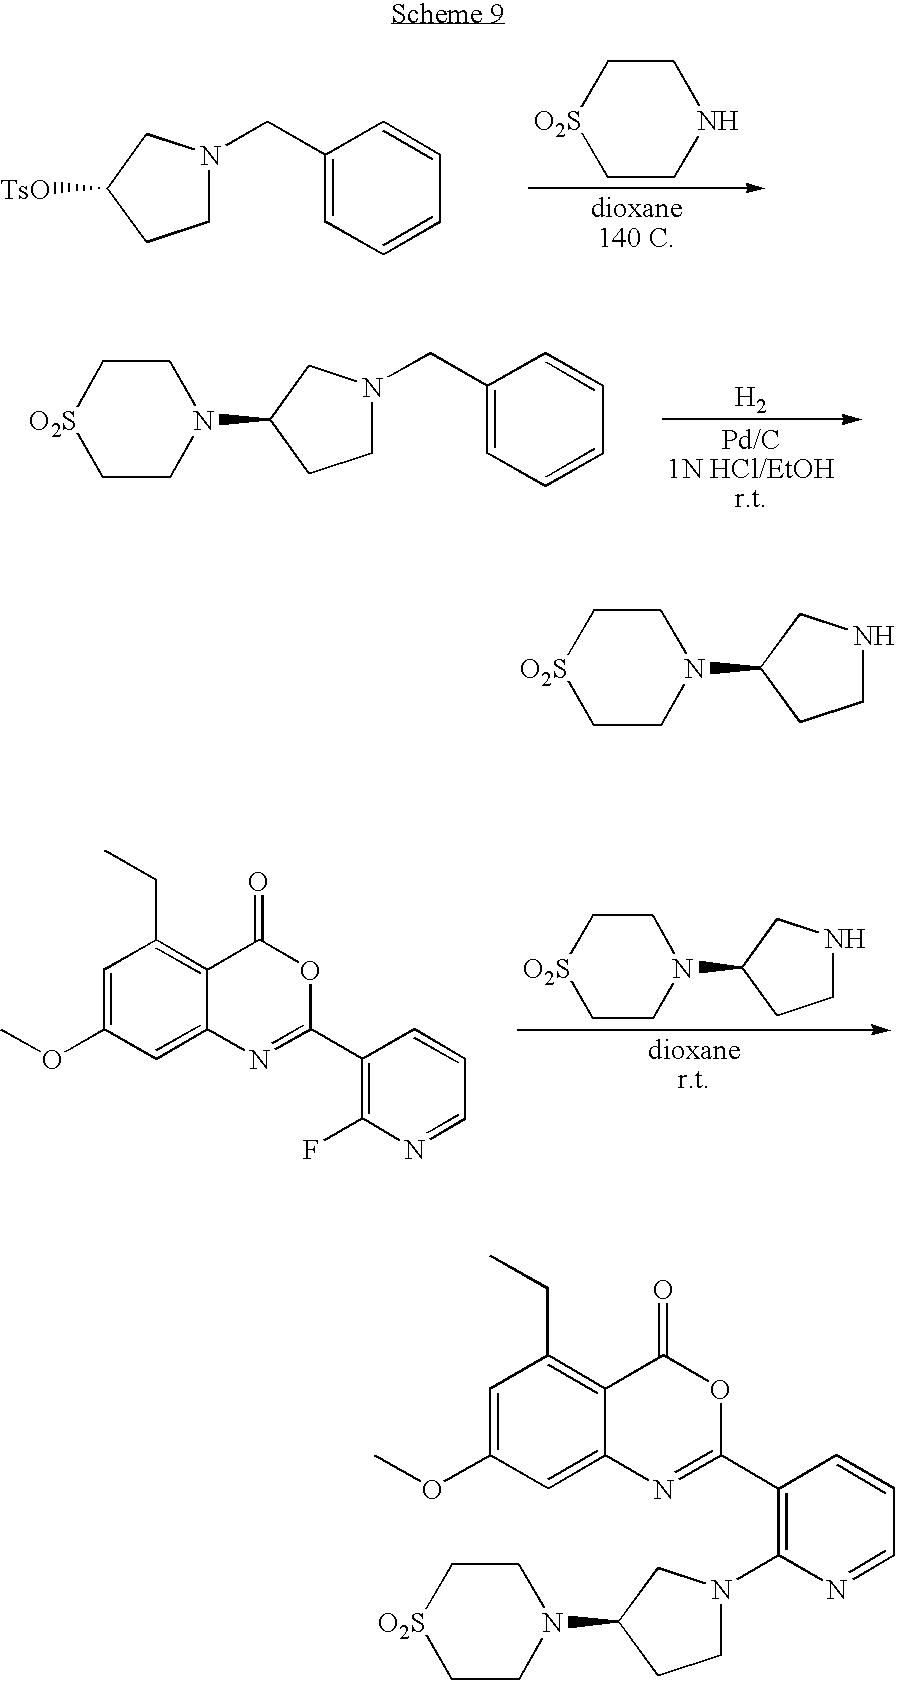 Figure US07879846-20110201-C00051